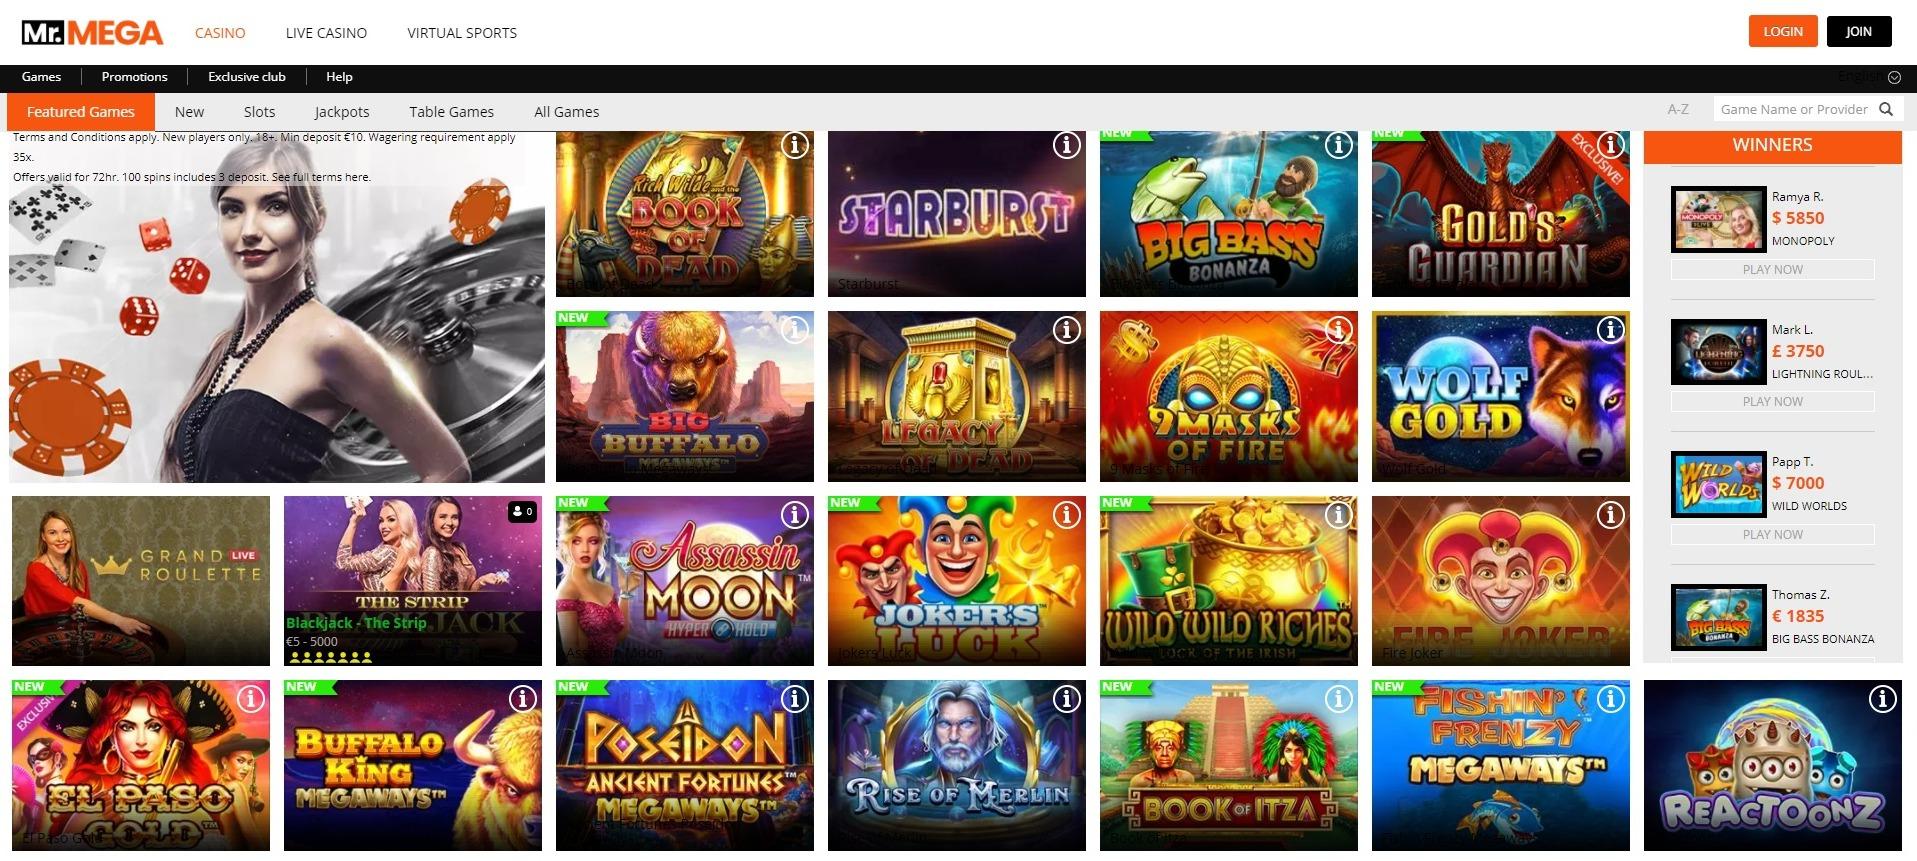 Mr Mega Casino Games